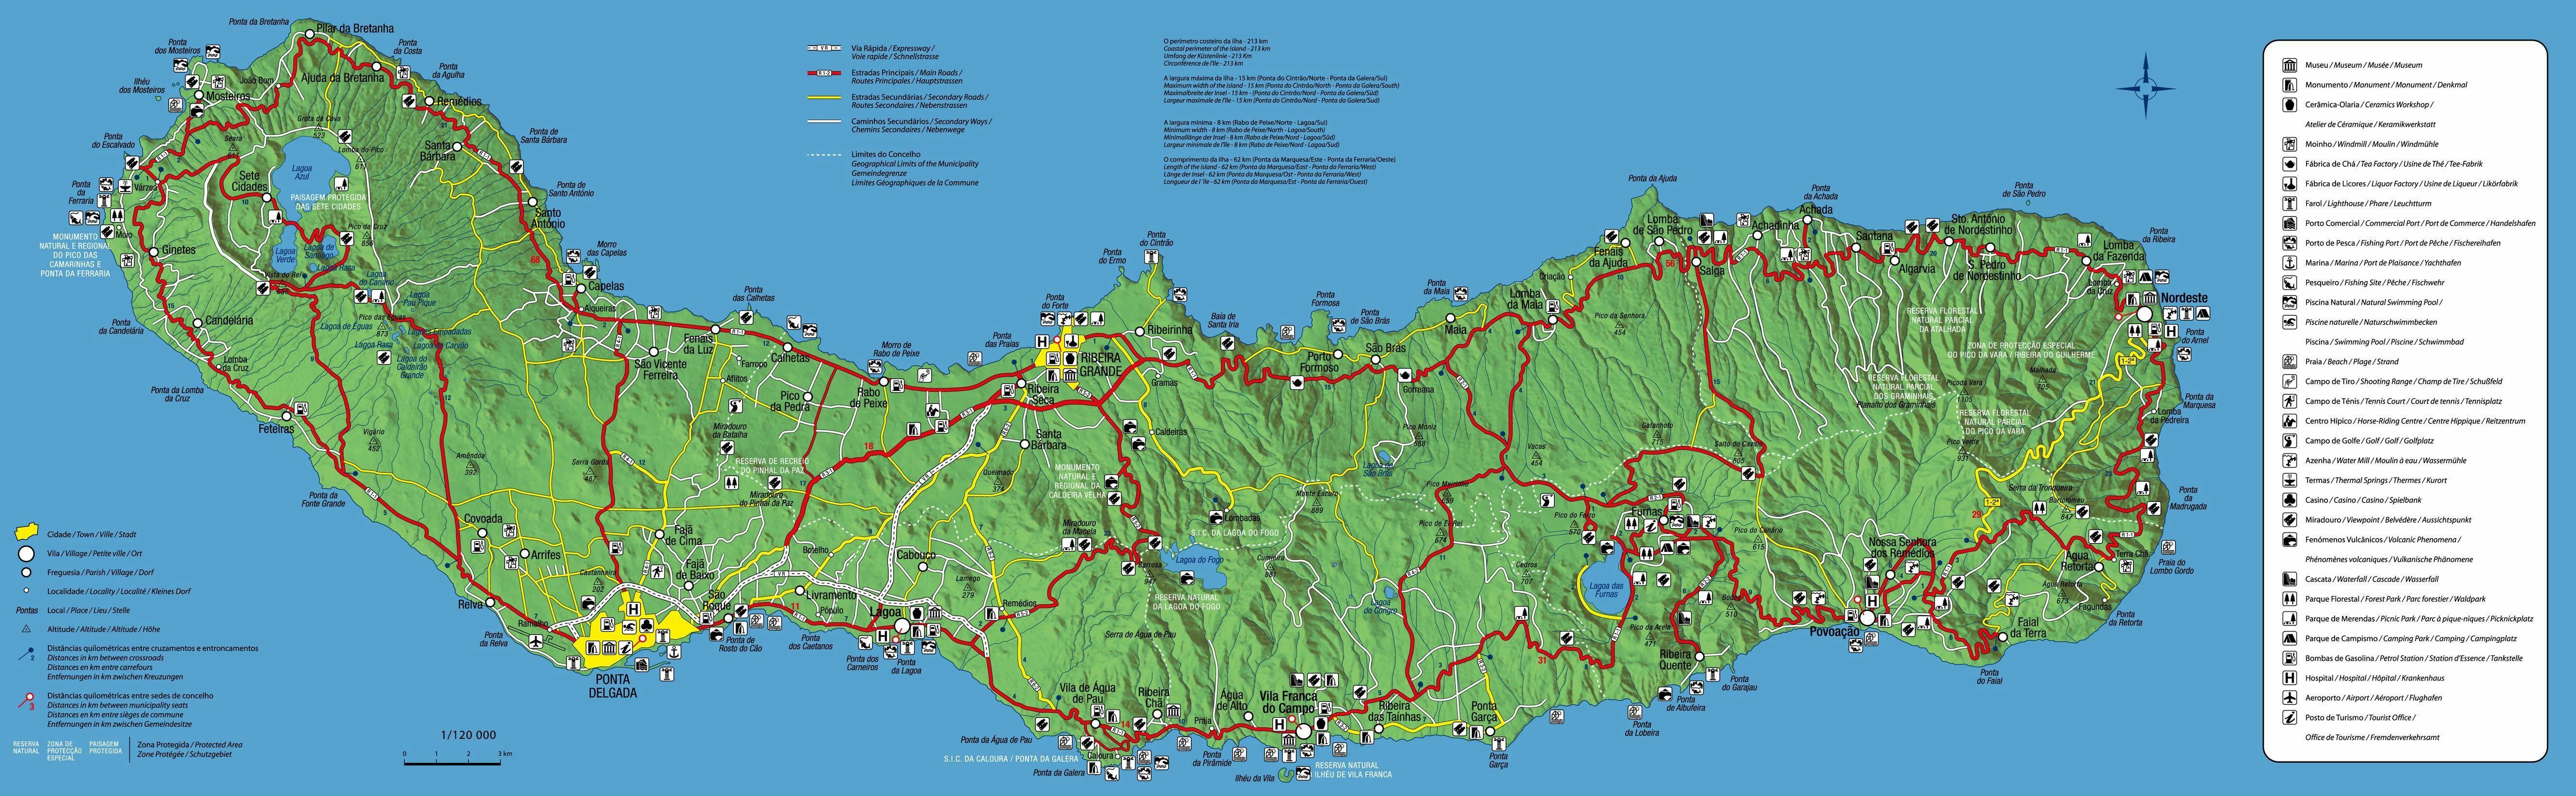 Mapa de la isla de São Miguel